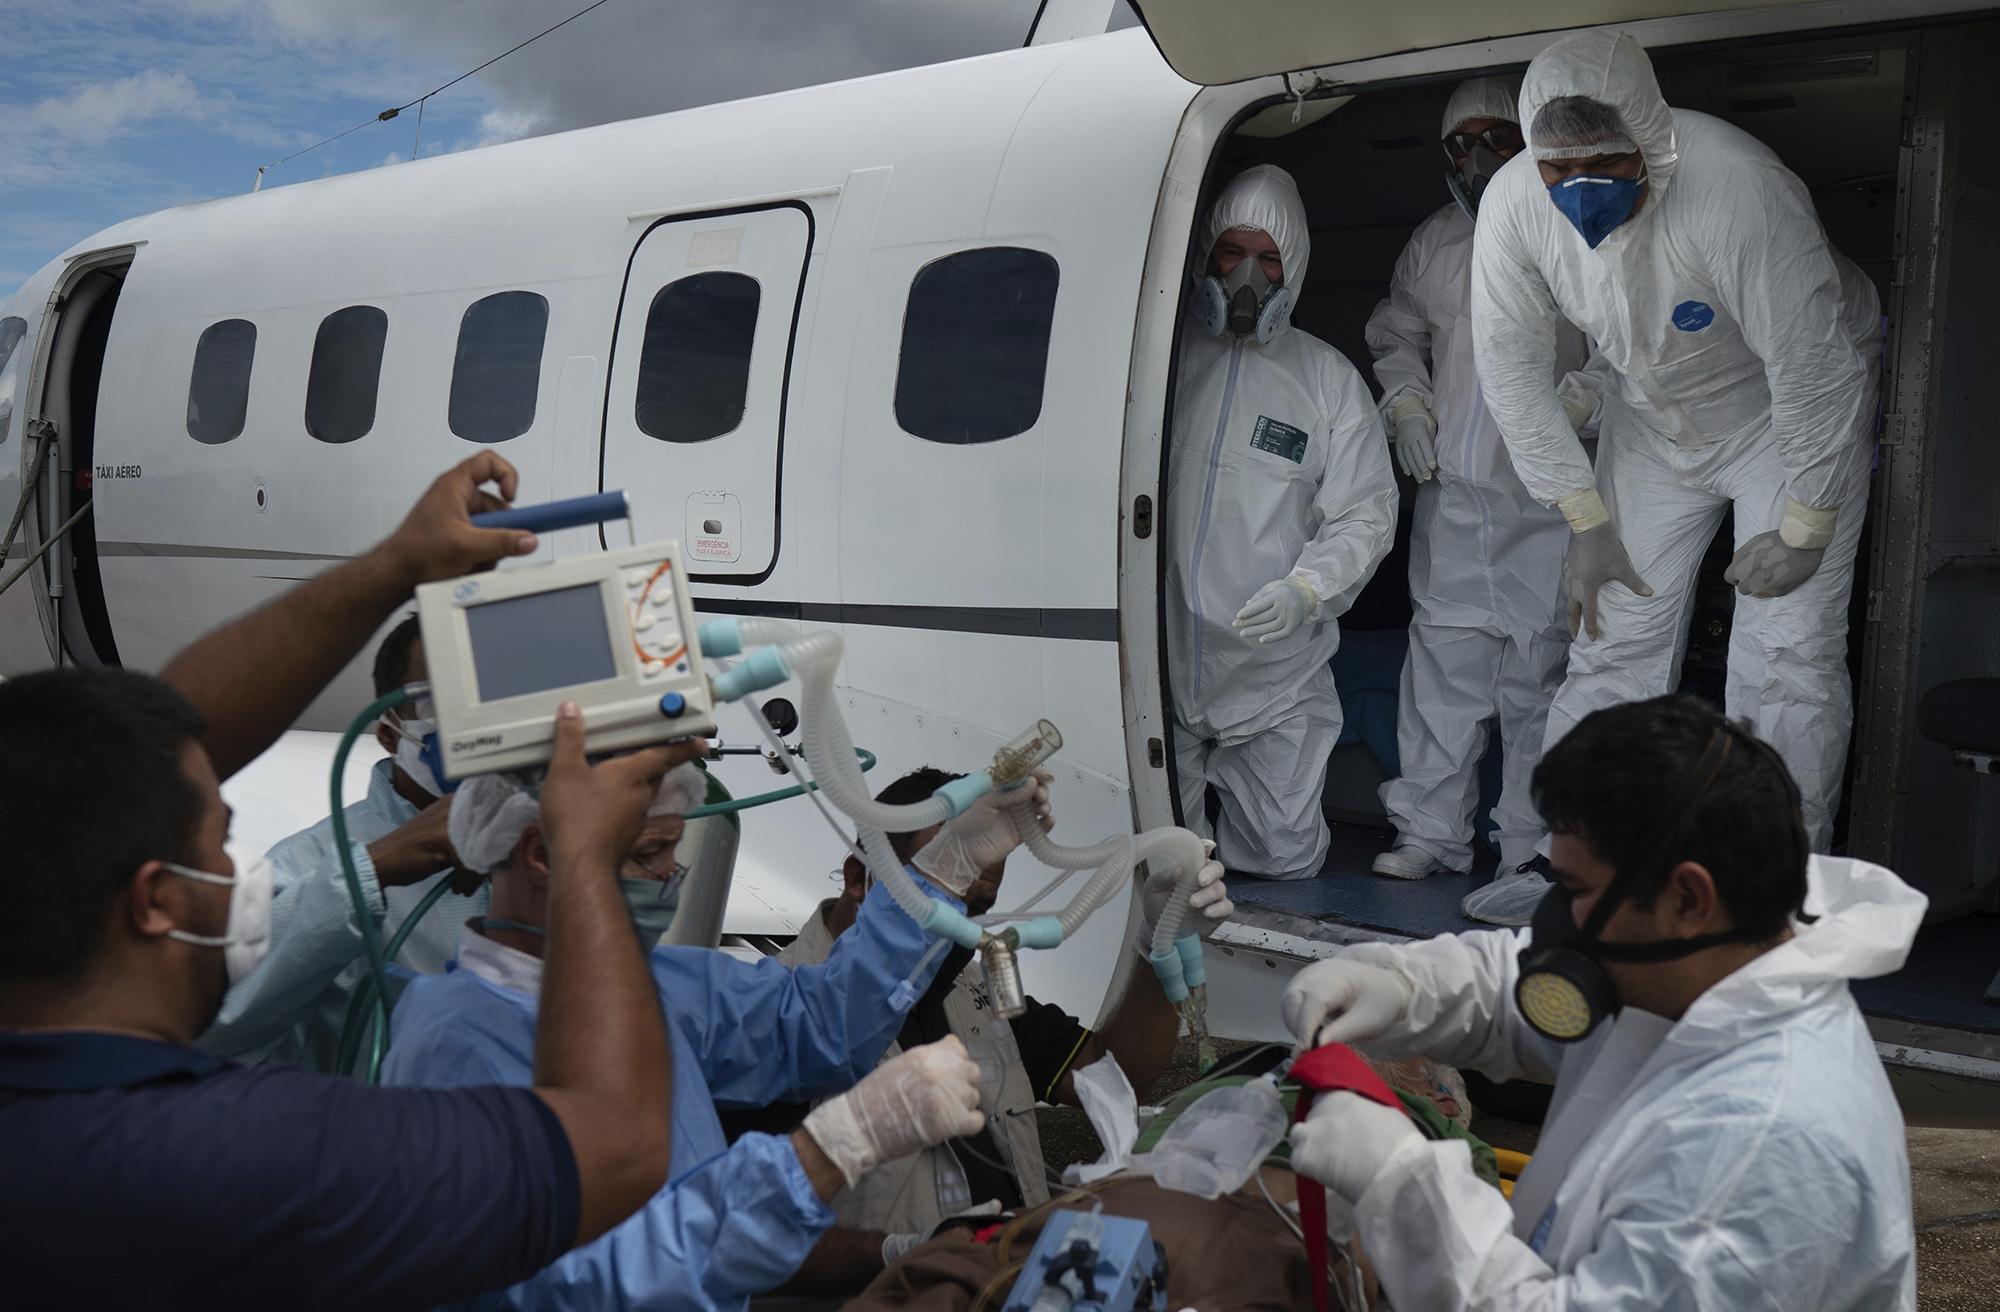 Медики готовятся ктранспортировке 89-летнего пациента измуниципалитета Санту-Антониу-ду-Иса вгоспиталь вМанаусе